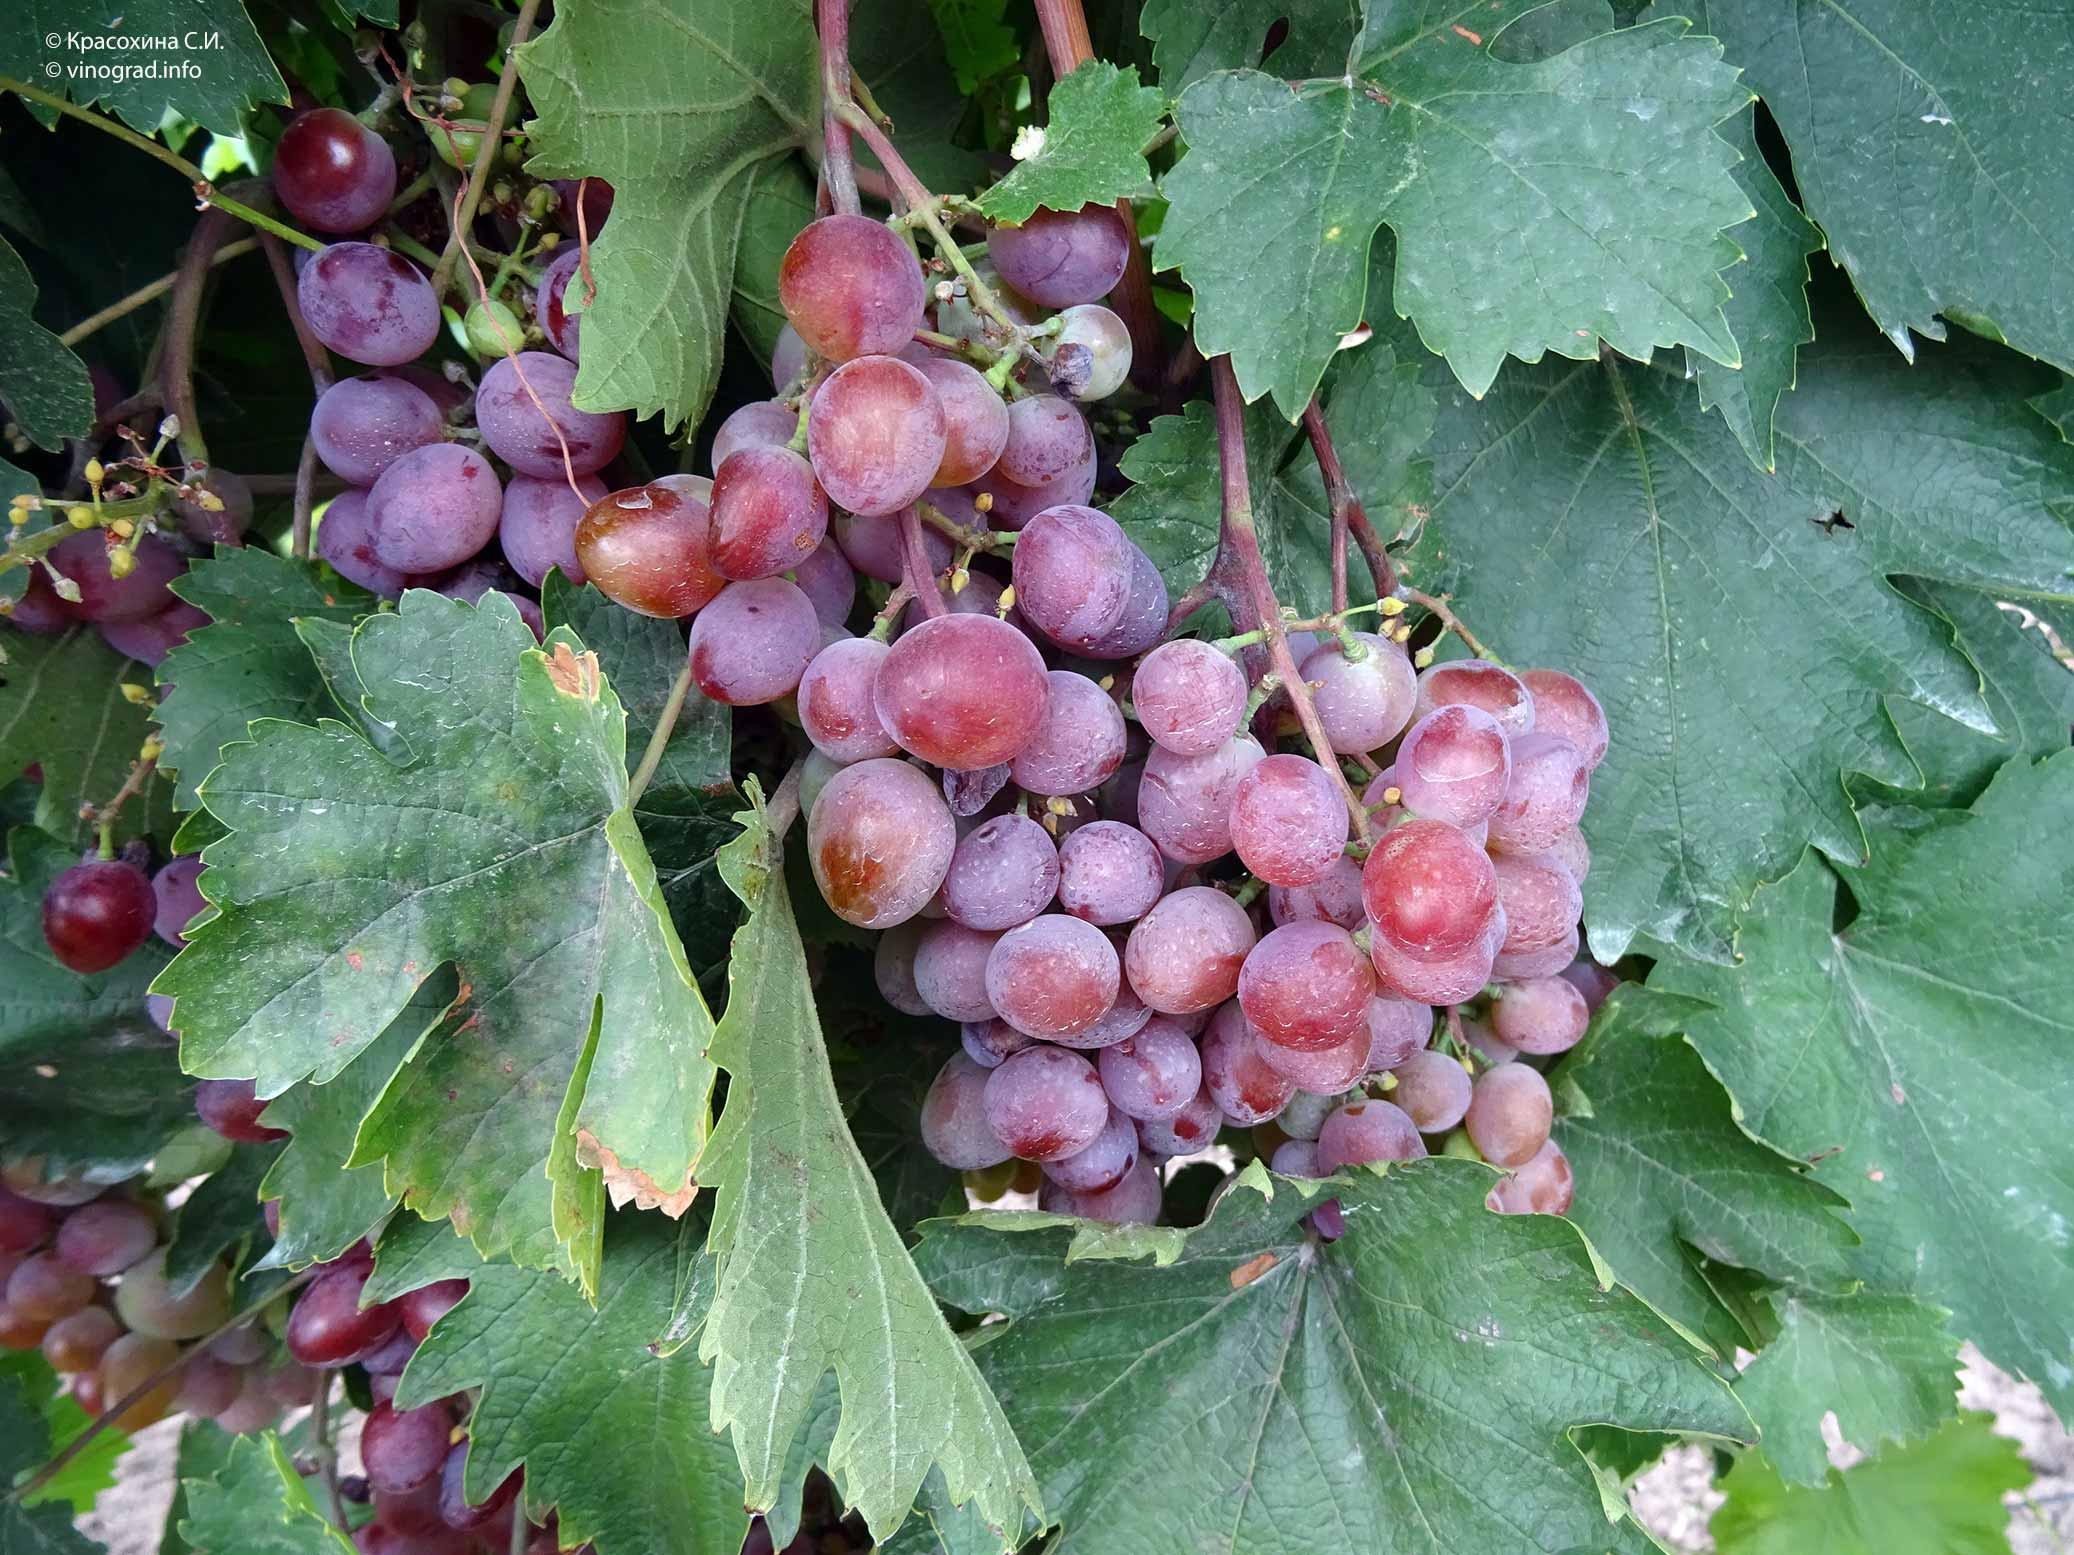 Виноград «виктория»: описание сорта, фото, отзывы